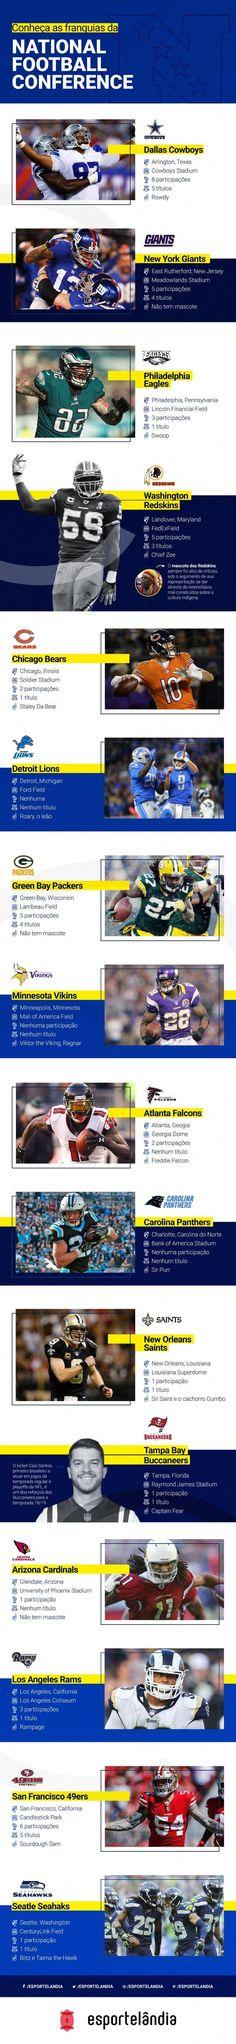 Quais são os times da NFL. Divisões da National Football Conference. NFC.  Qual o time de futebol americano mais popular. Times da NFL  história 1d4f0bc92b0